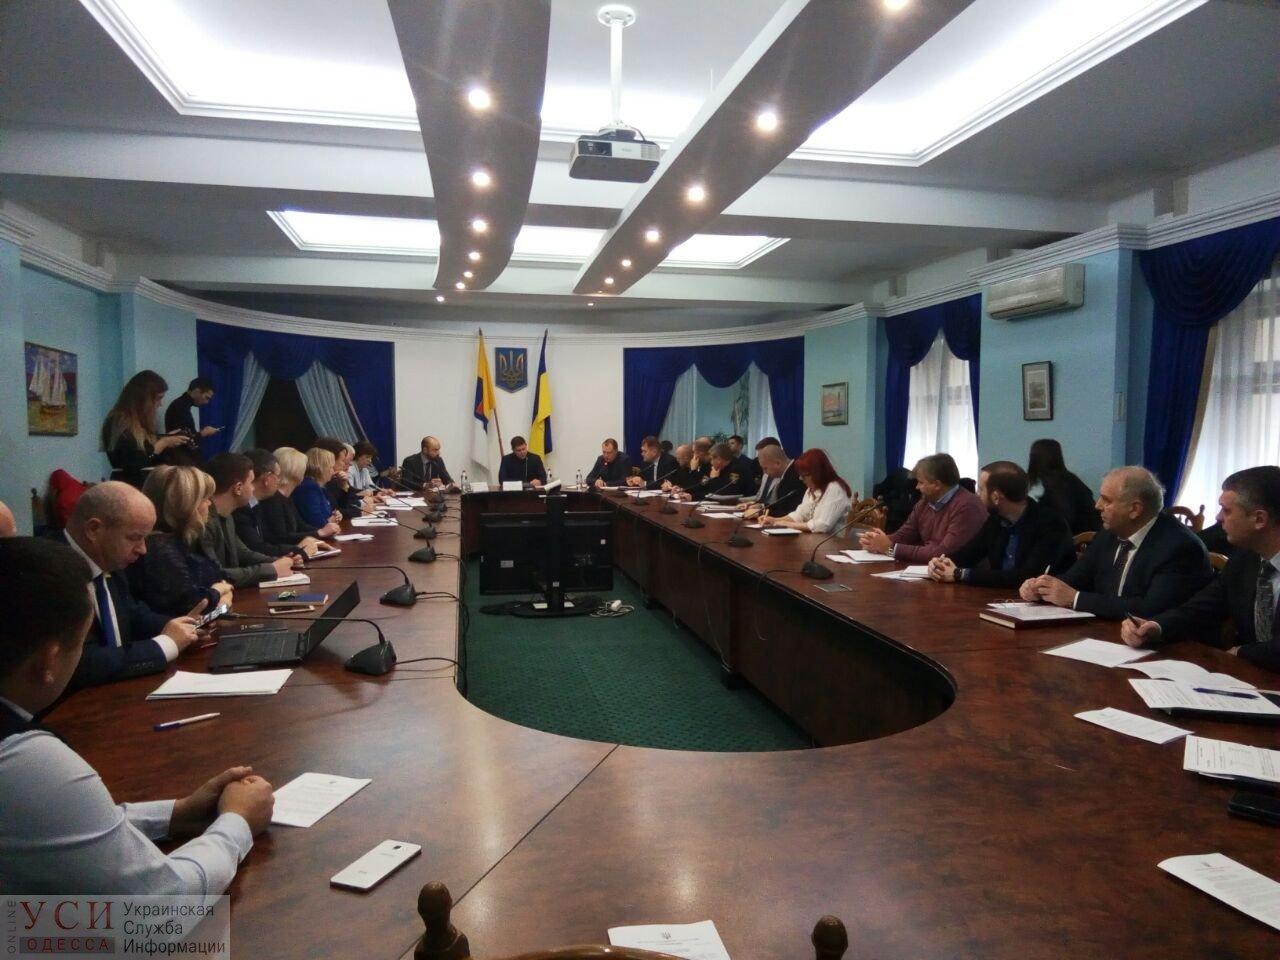 В Одесской области массово проверяют заправки: за неделю инспекторы закрыли 9 АЗС, фото-1